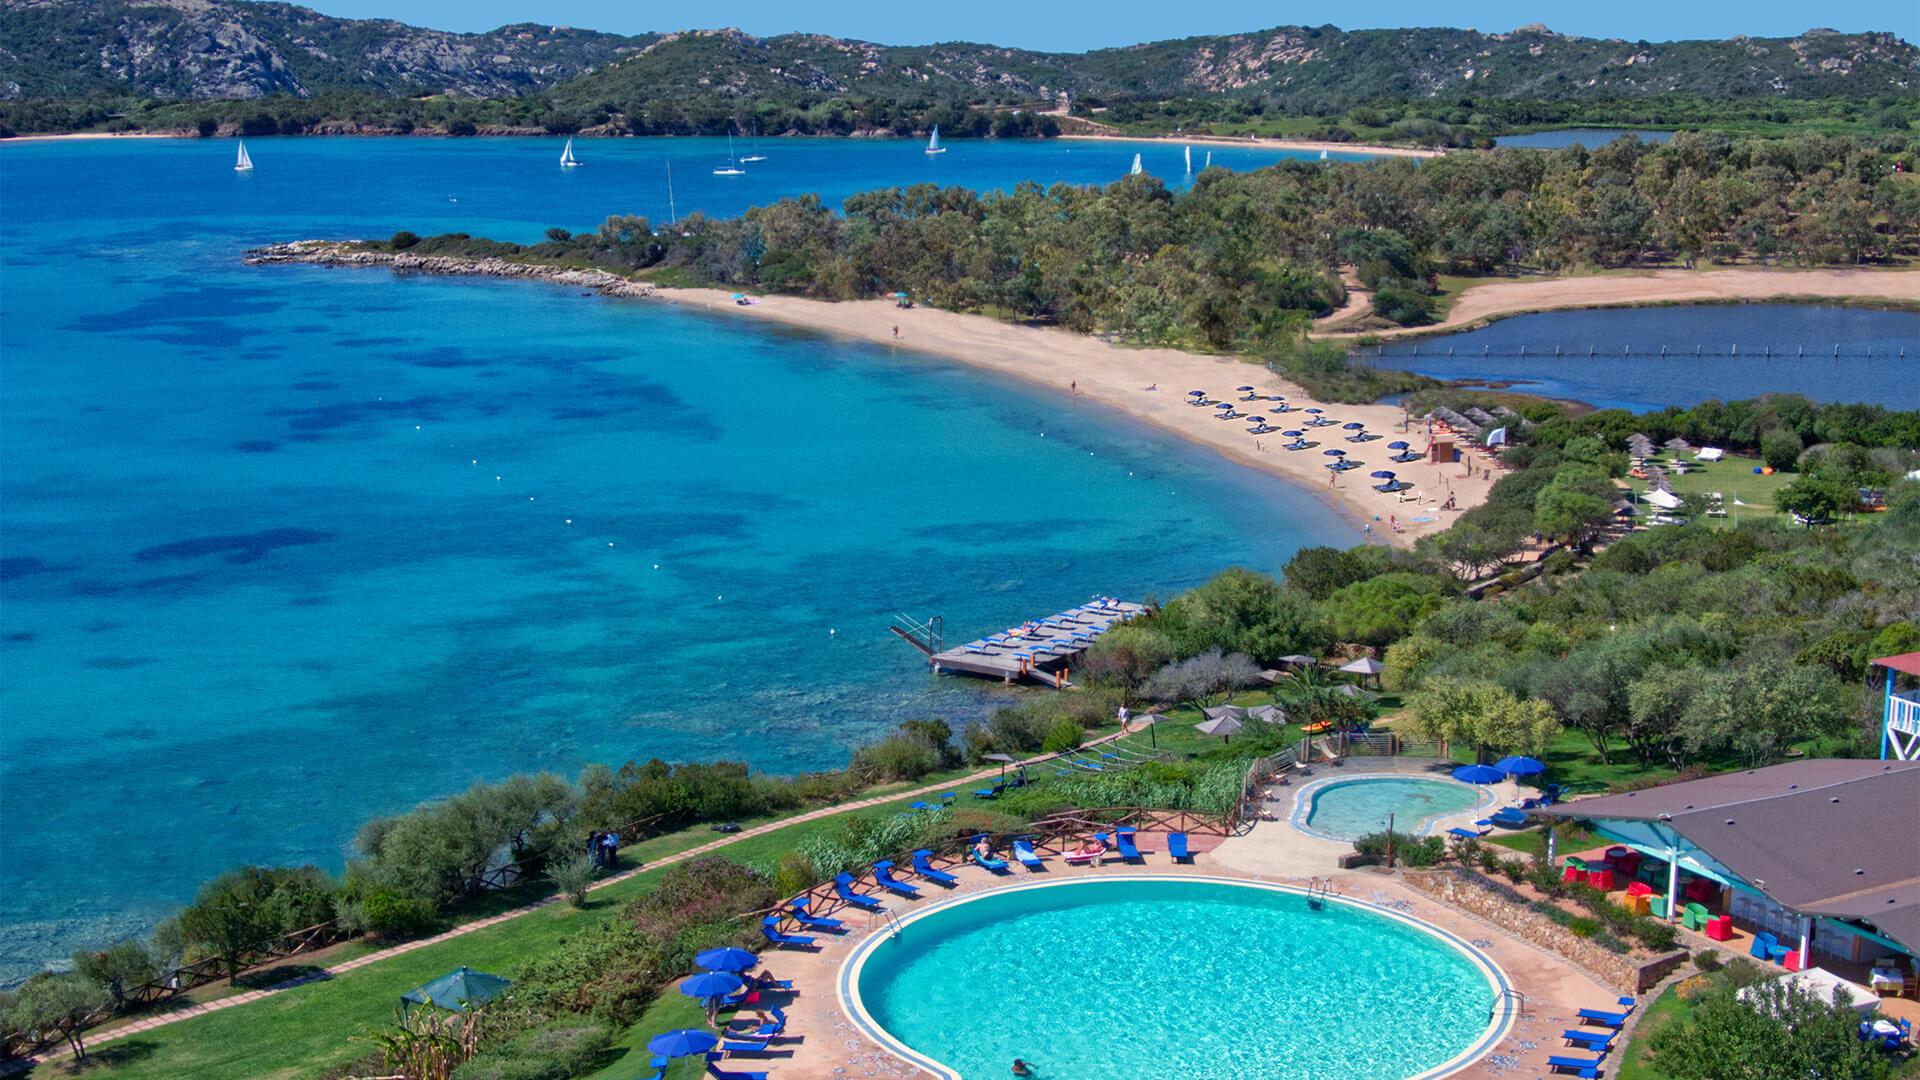 hotel-cala-lepre-mare-spiaggia-palau